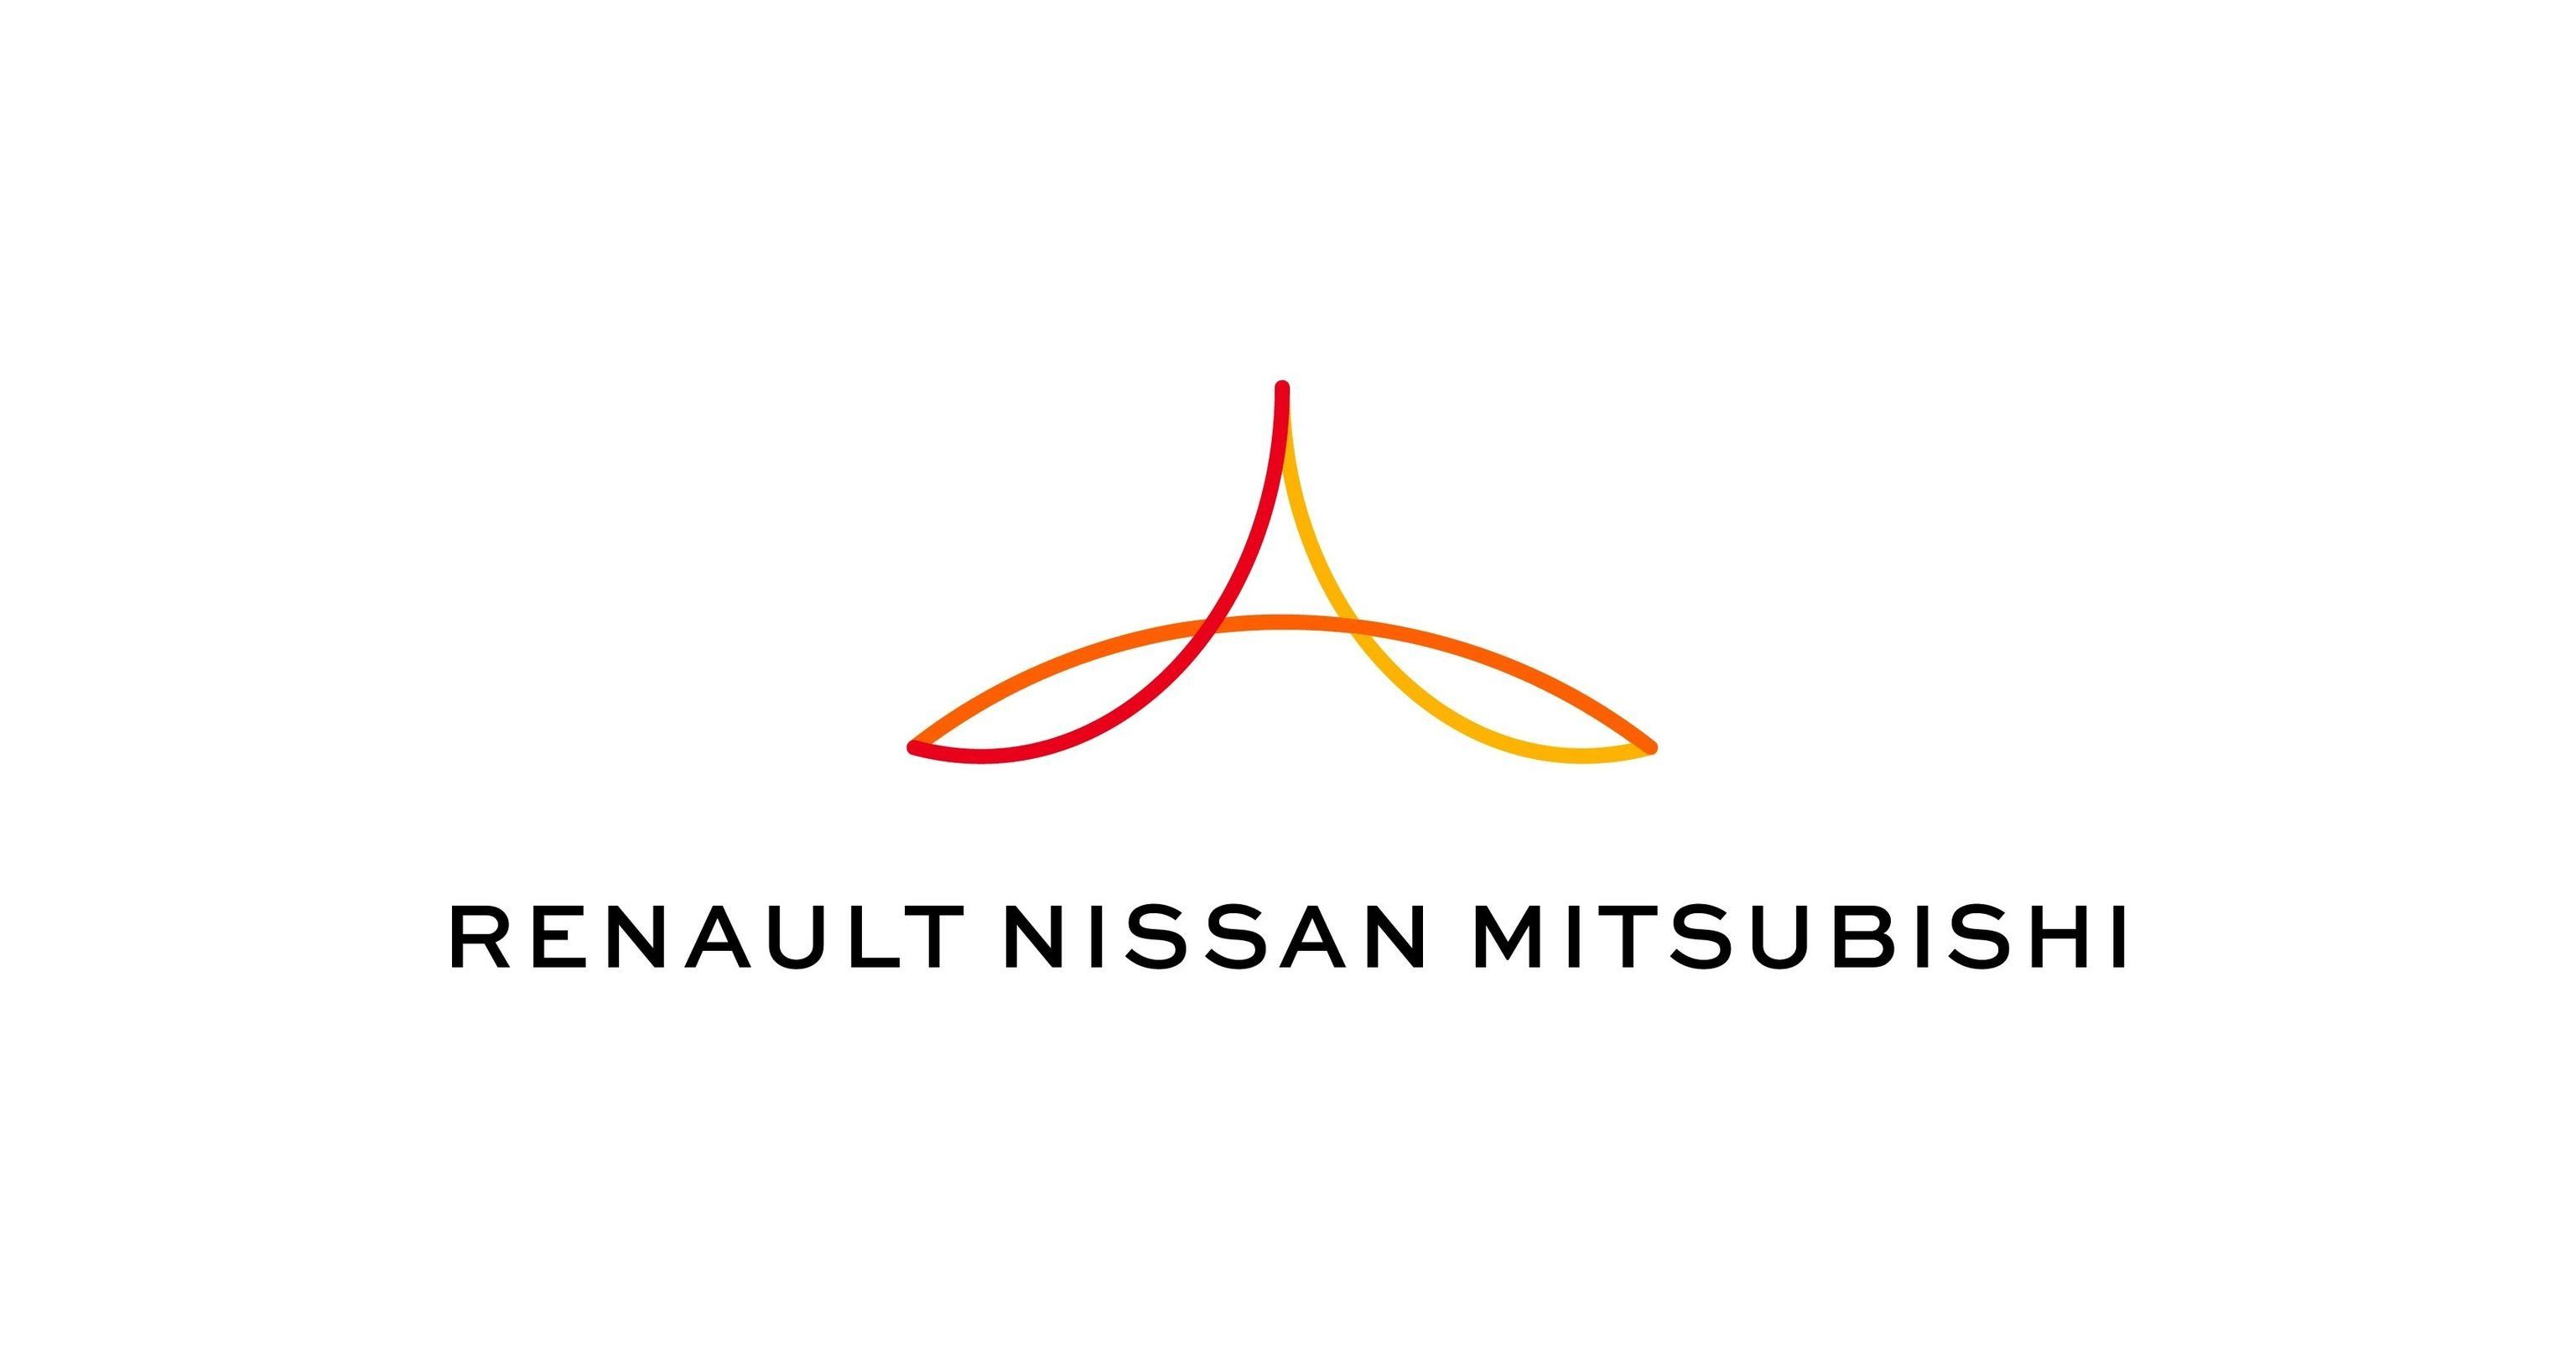 Альянс Renault-Nissan-Mitsubishi продал 10,6 млн автомобилей в 2017